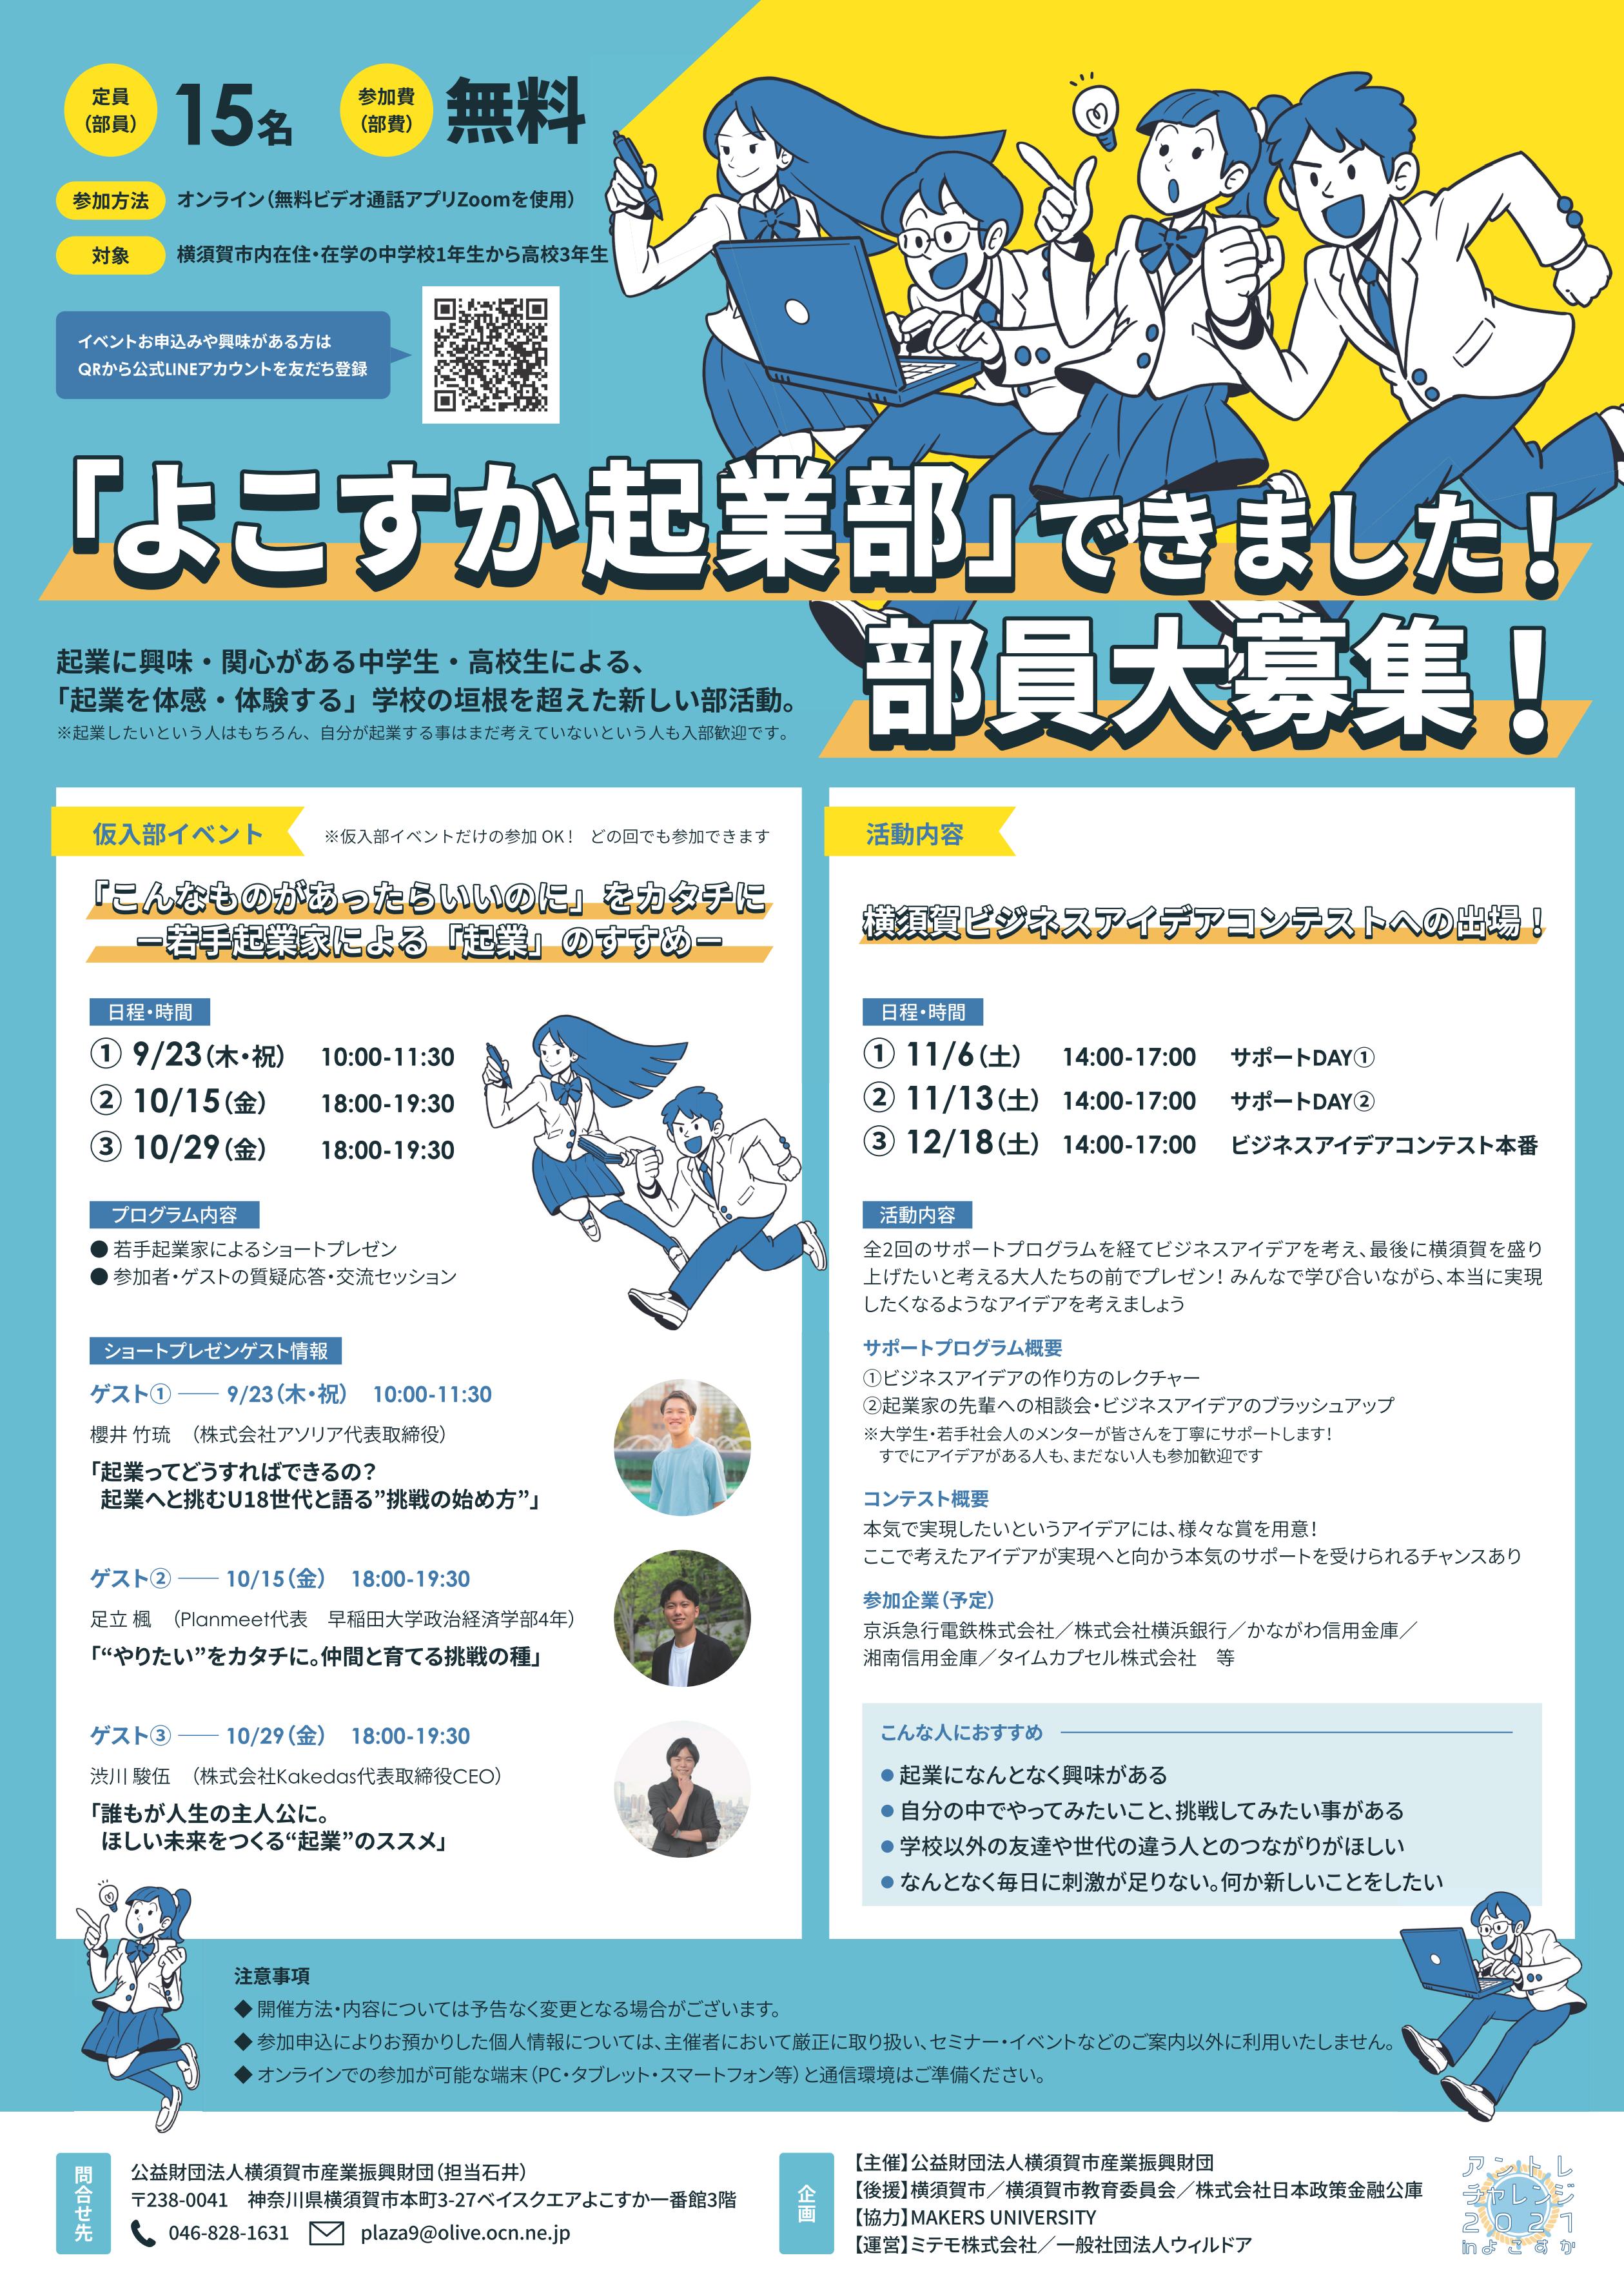 「よこすか起業部」できました! 「アントレチャレンジ2021 in よこすか」を開催いたします!